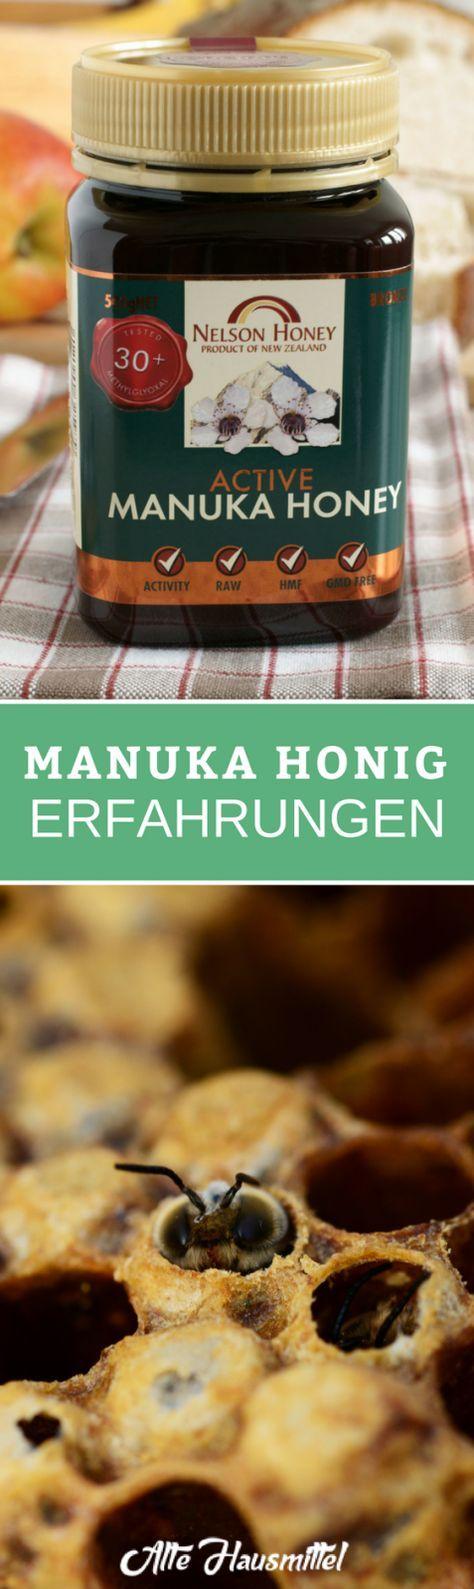 Viele Leute sind überzeugt von Manuka Honig ✅ Welche Erfahrungen wurden nach der Anwendung von Manuka Honig gemacht ✅ Erfahren Sie mehr … ✅